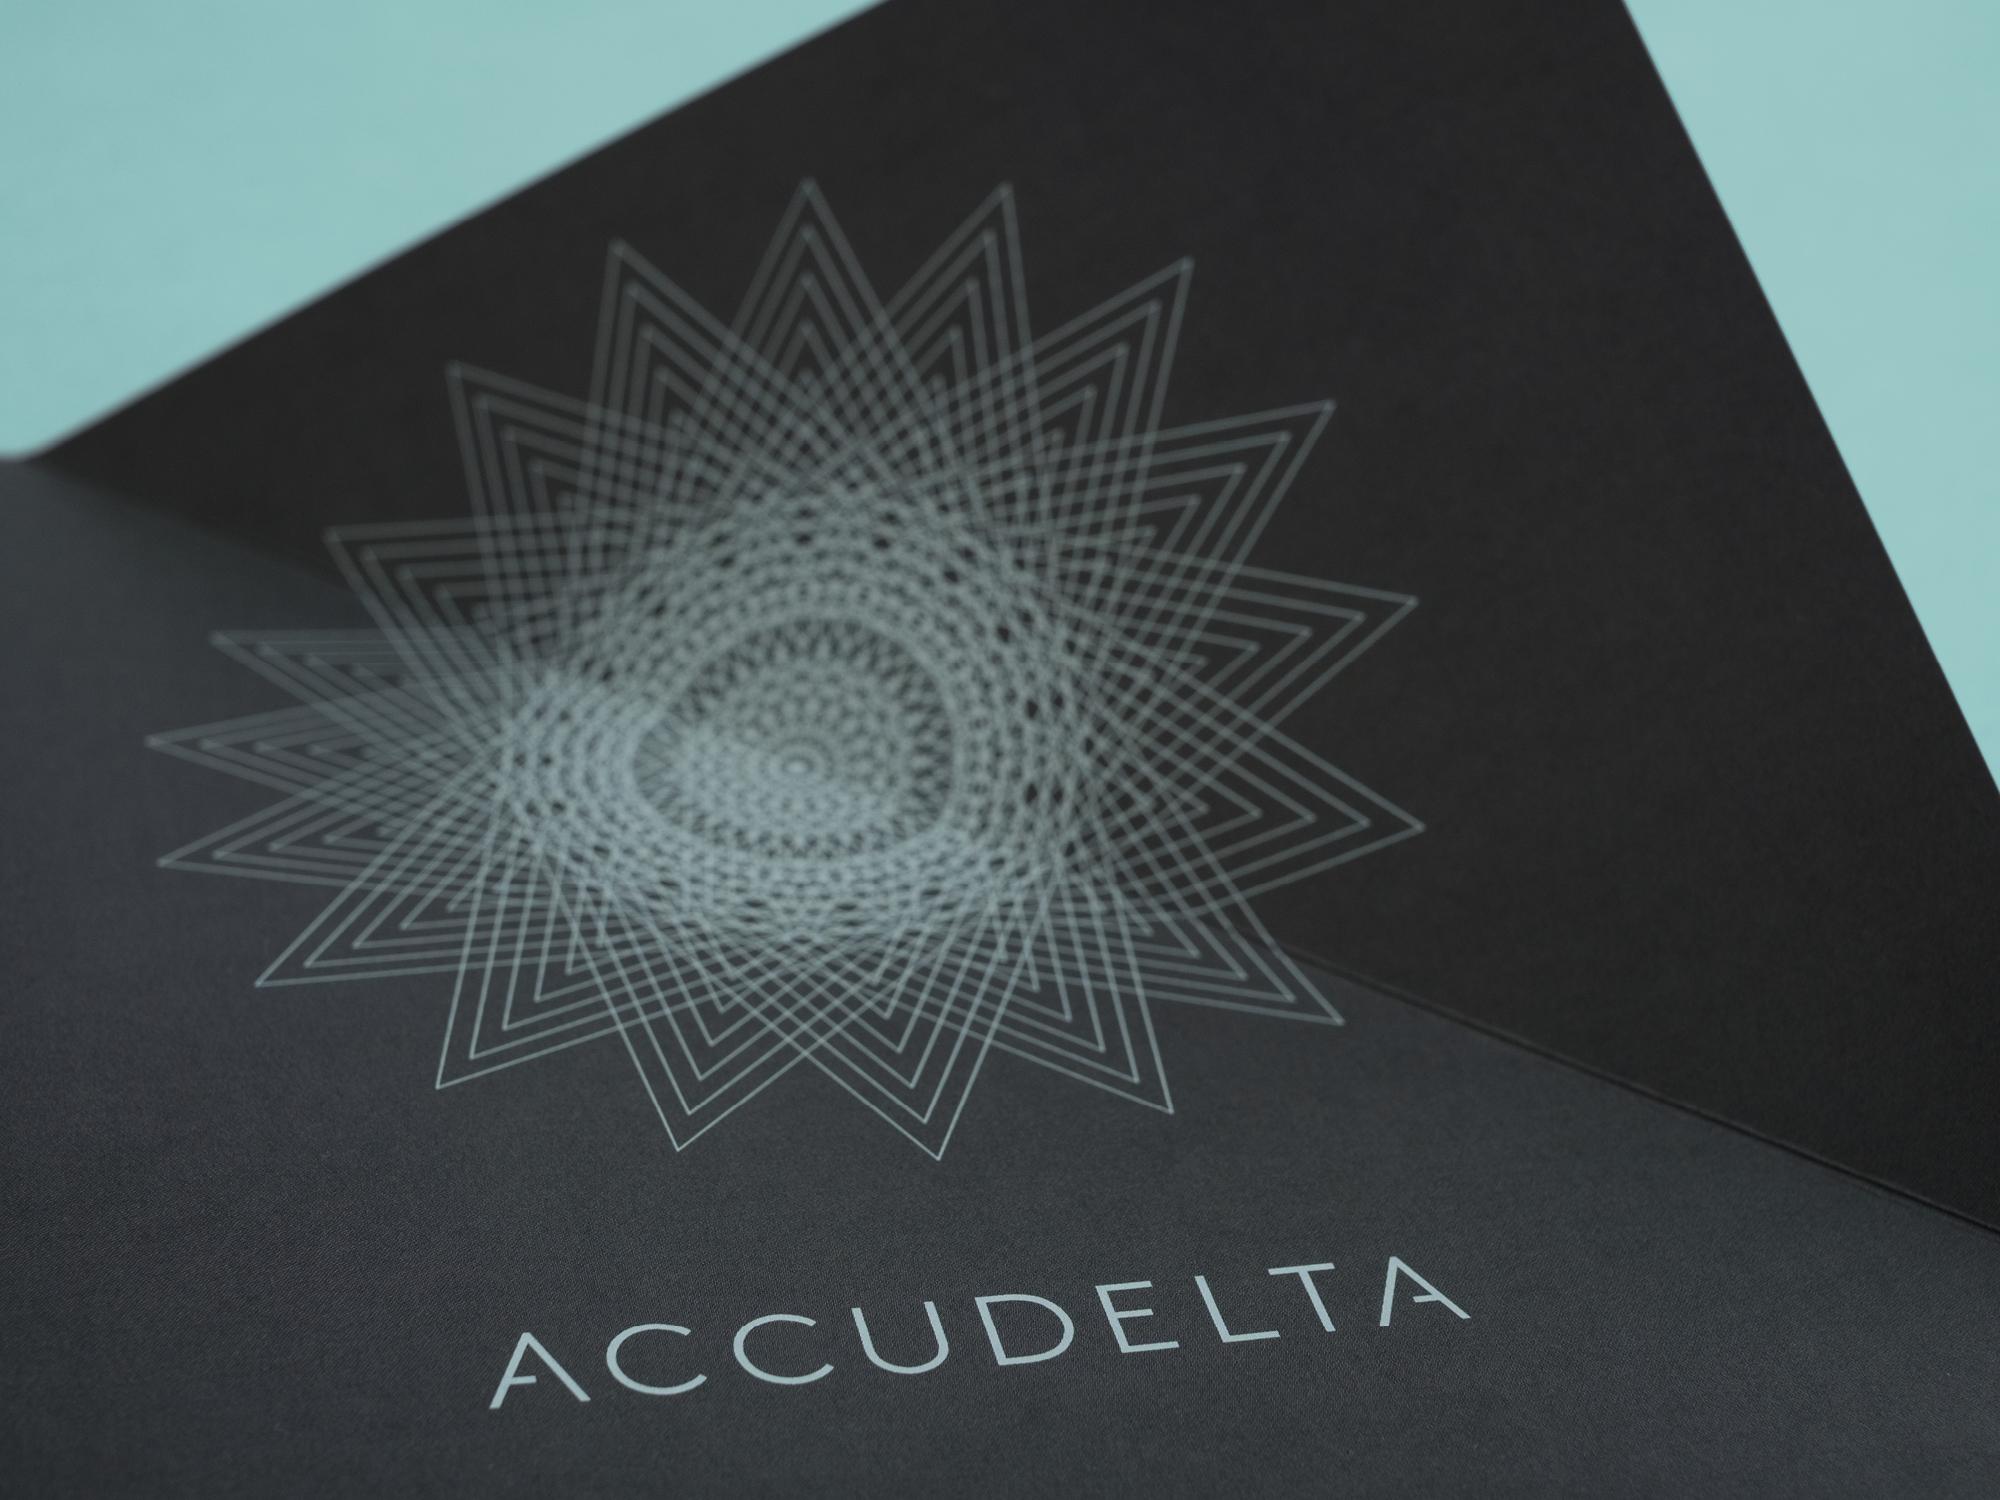 Cover image: Accudelta (2015)